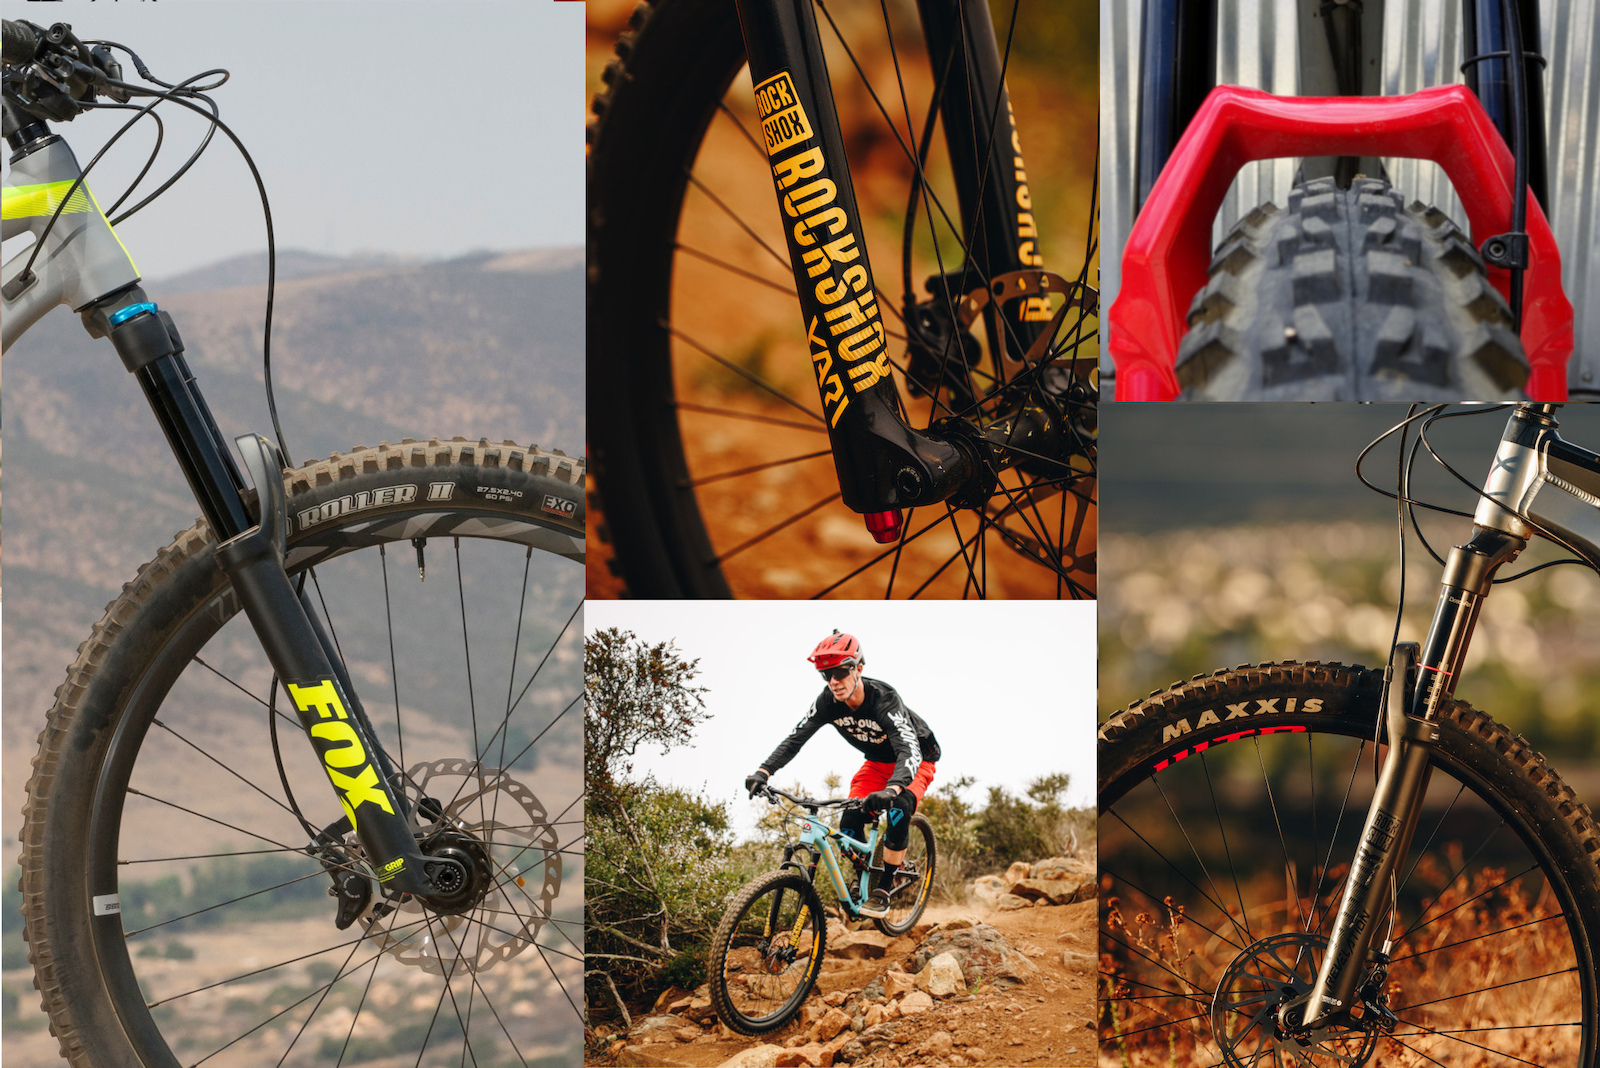 Affordable Trail bike forks